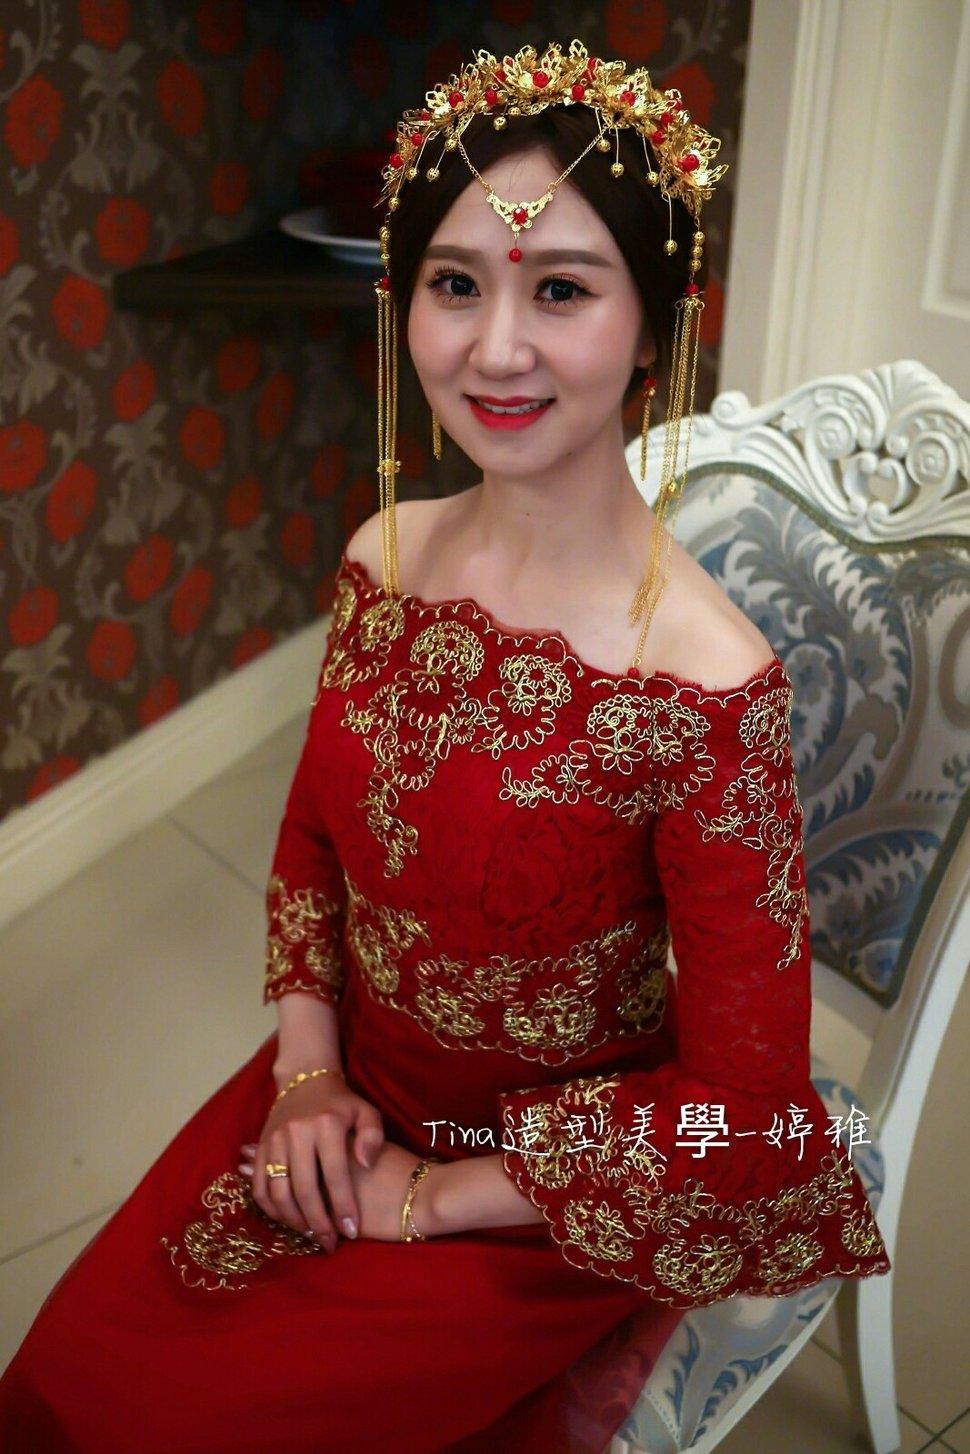 婚宴現場造型_181105_0007 - 雲林新秘/嘉義新娘秘書/Tina造型美學《結婚吧》